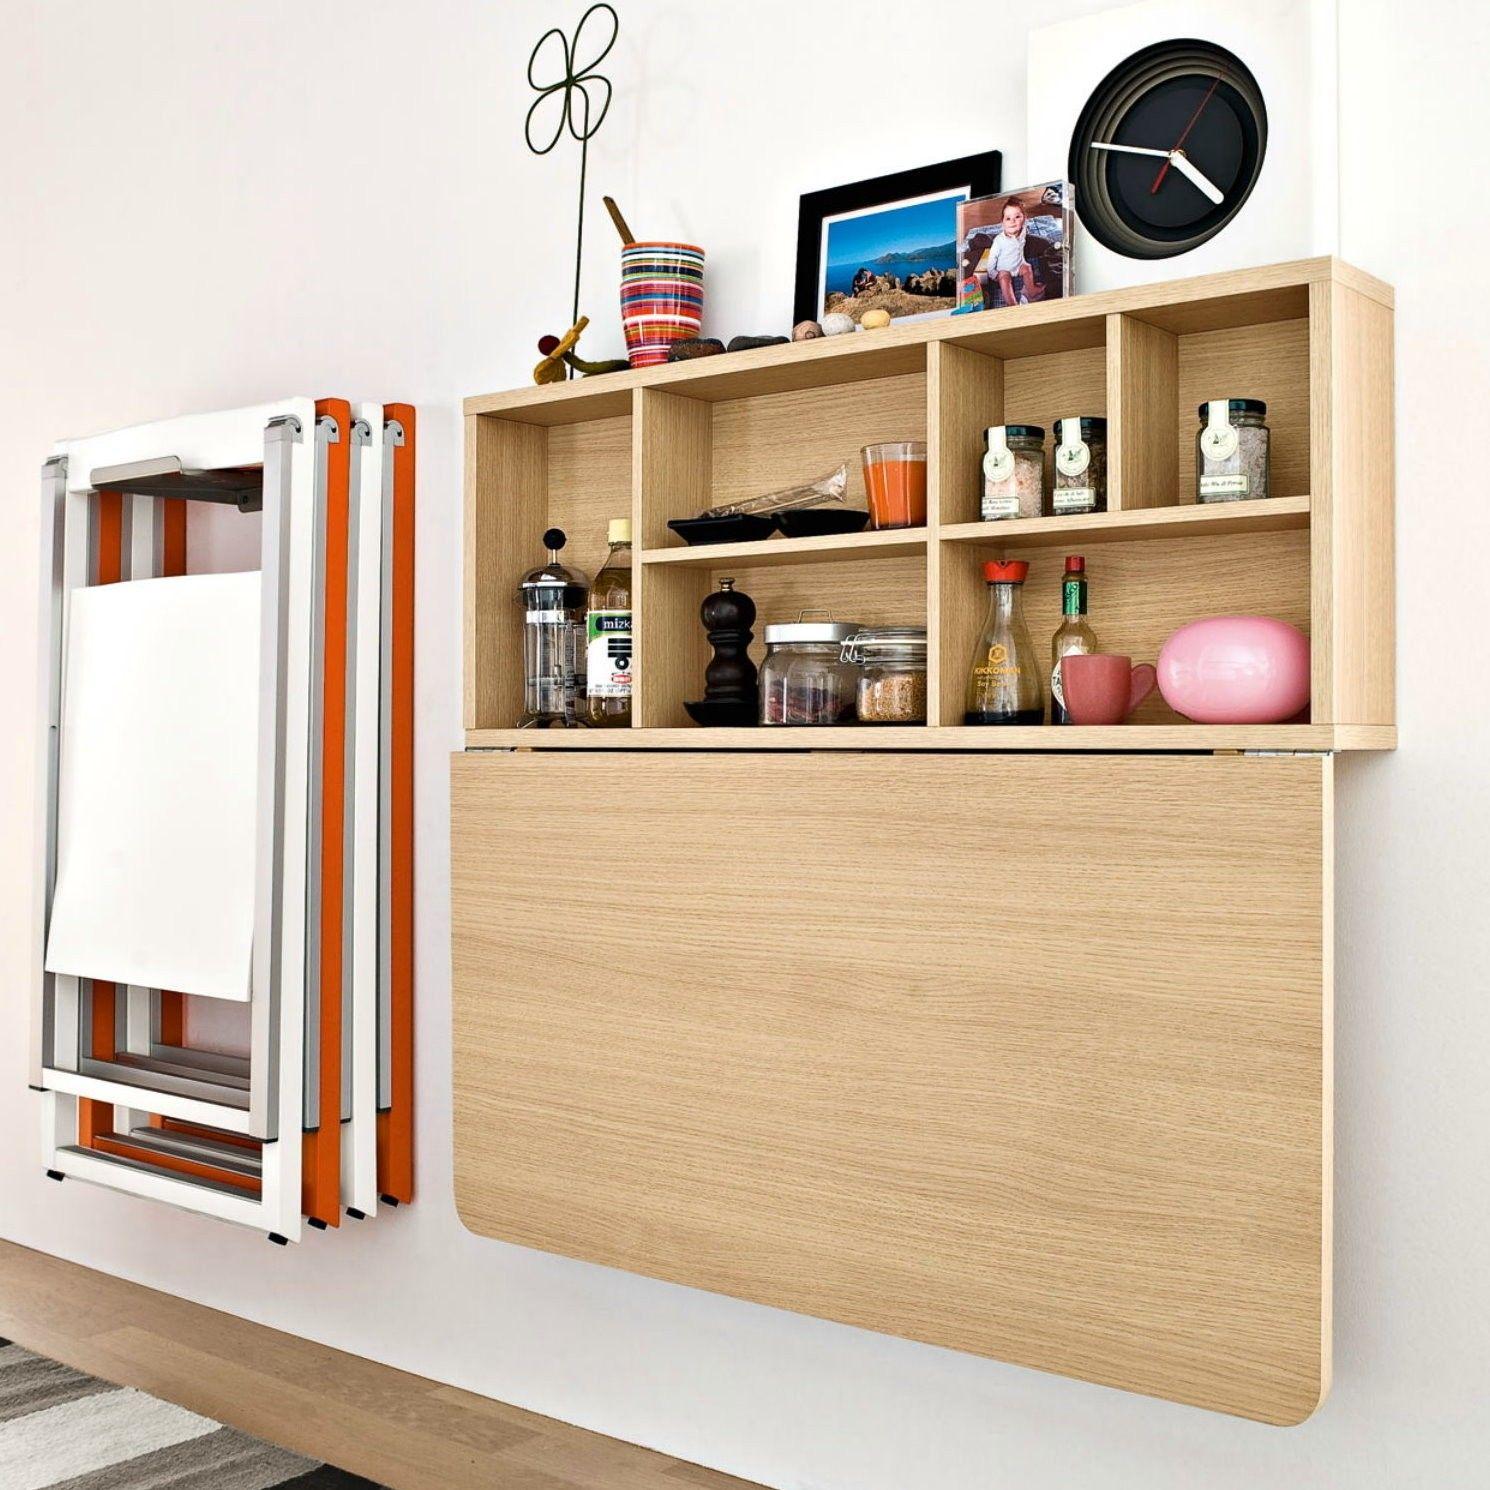 Afbeeldingsresultaat voor spacebox   Micro apartments   Pinterest ...